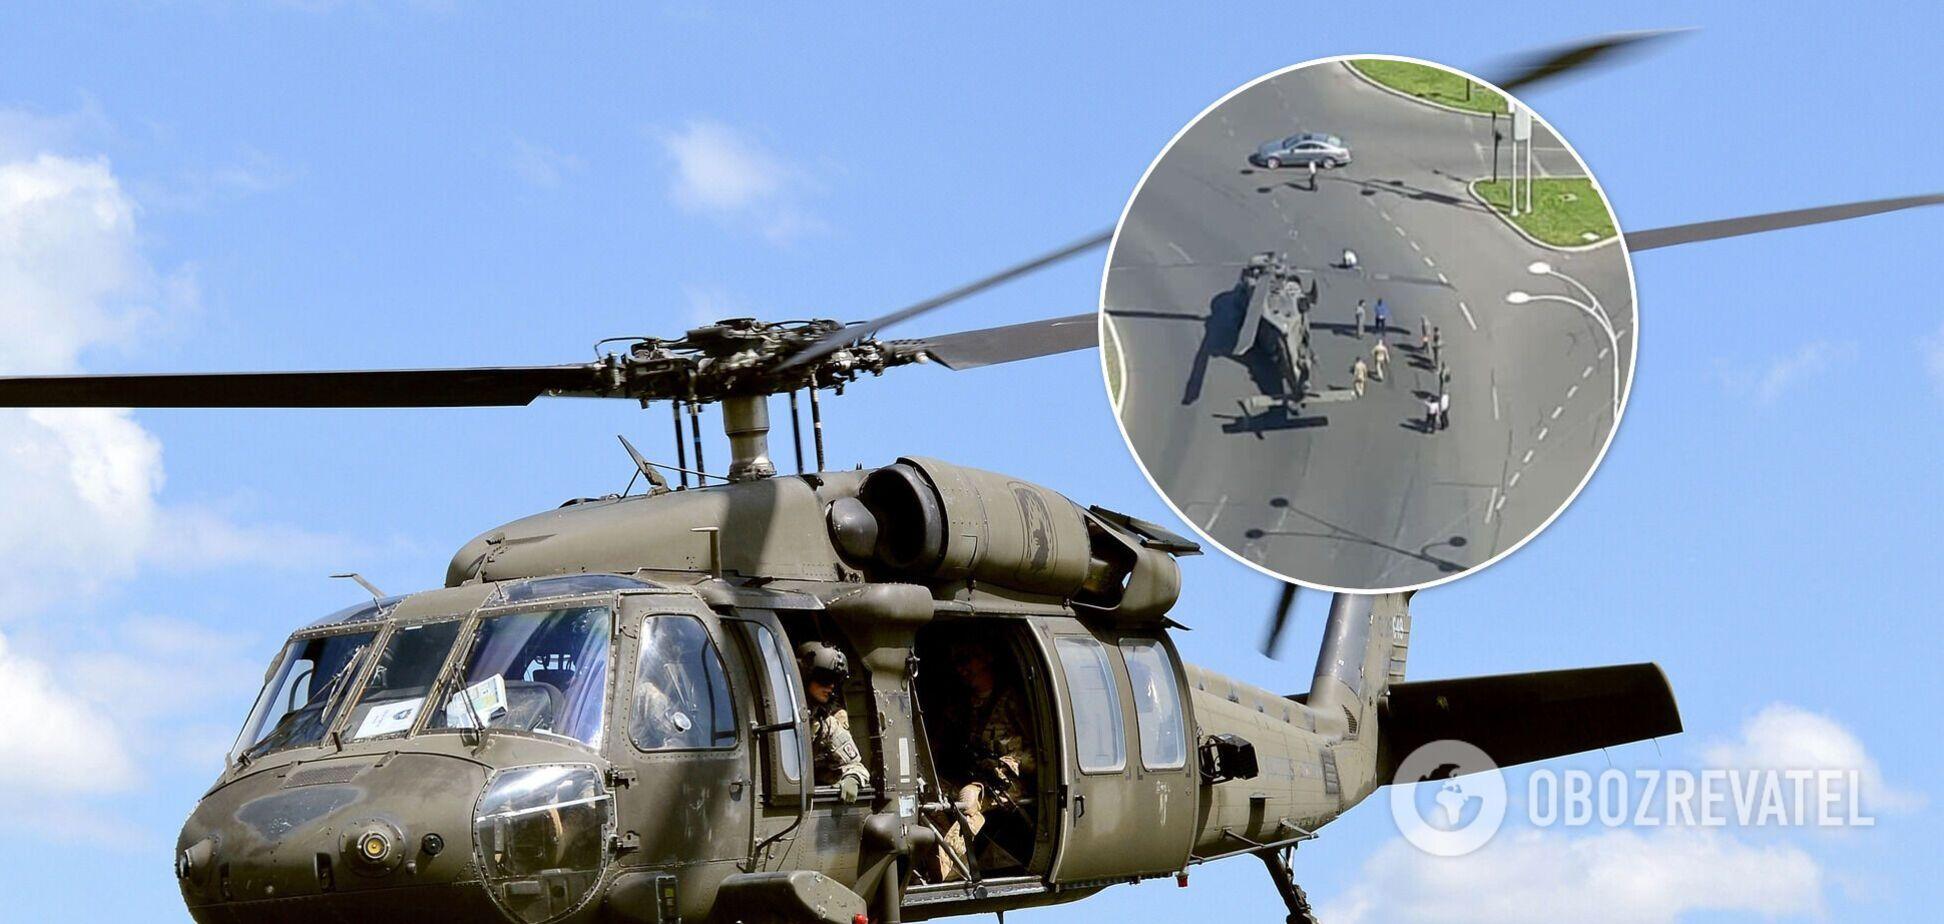 В центре Бухареста экстренно сел вертолет ВВС США. Фото и видео